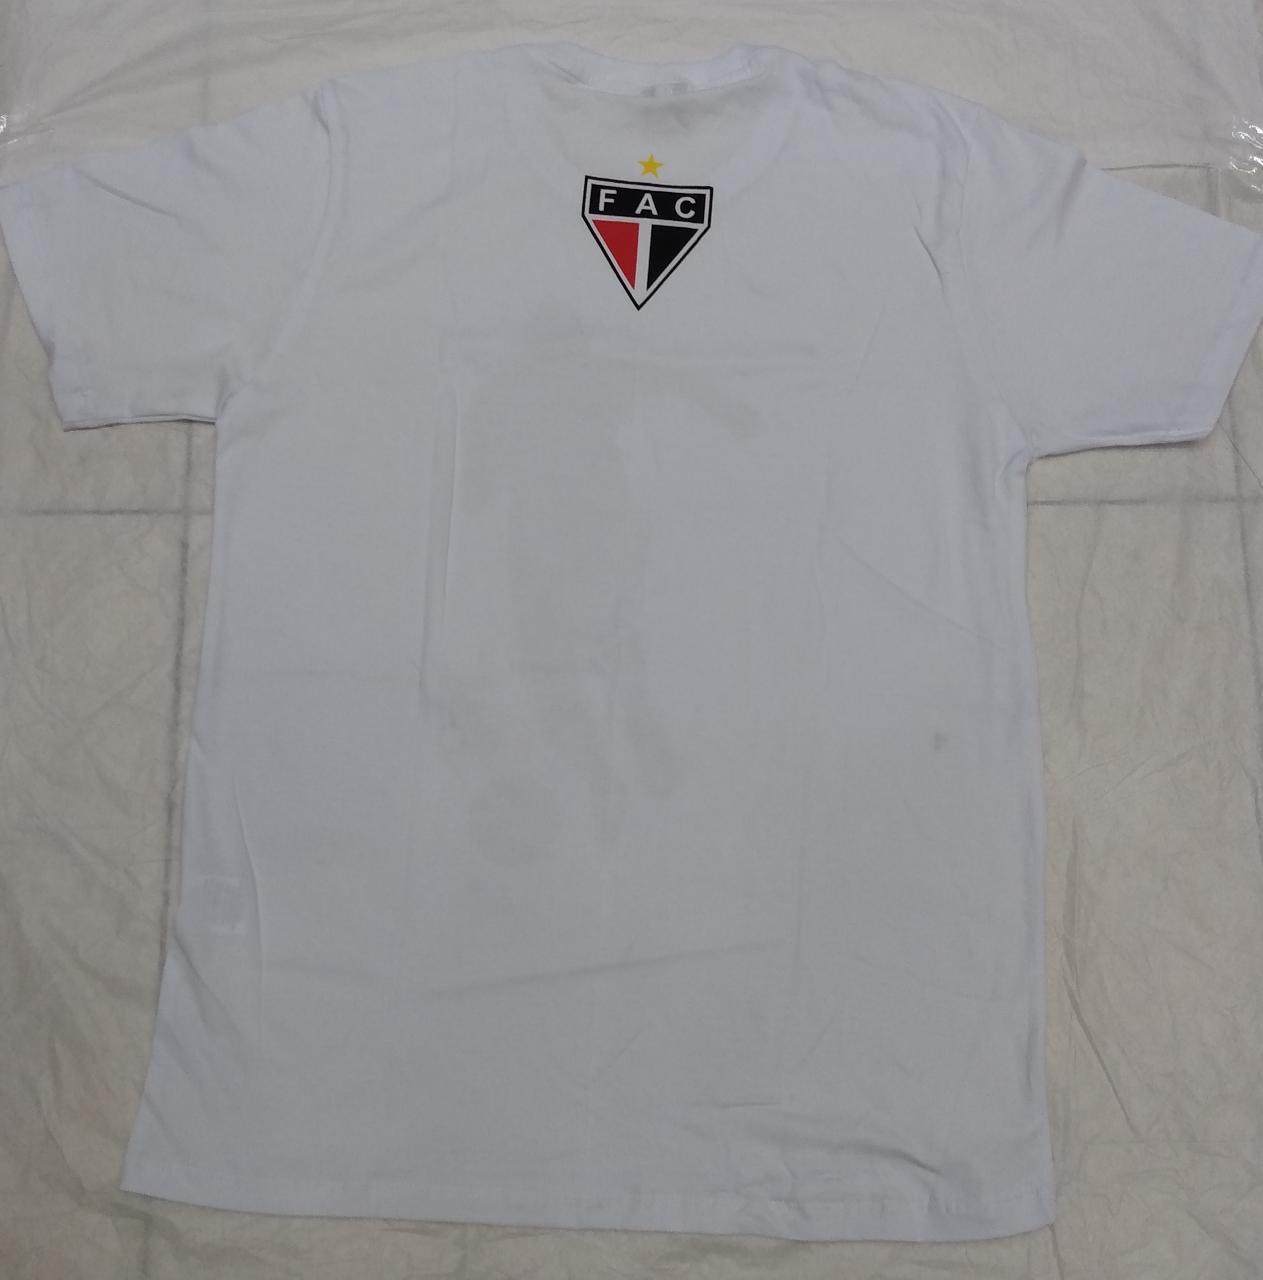 Camisa EC9 branca jogador  - Ferrão Store